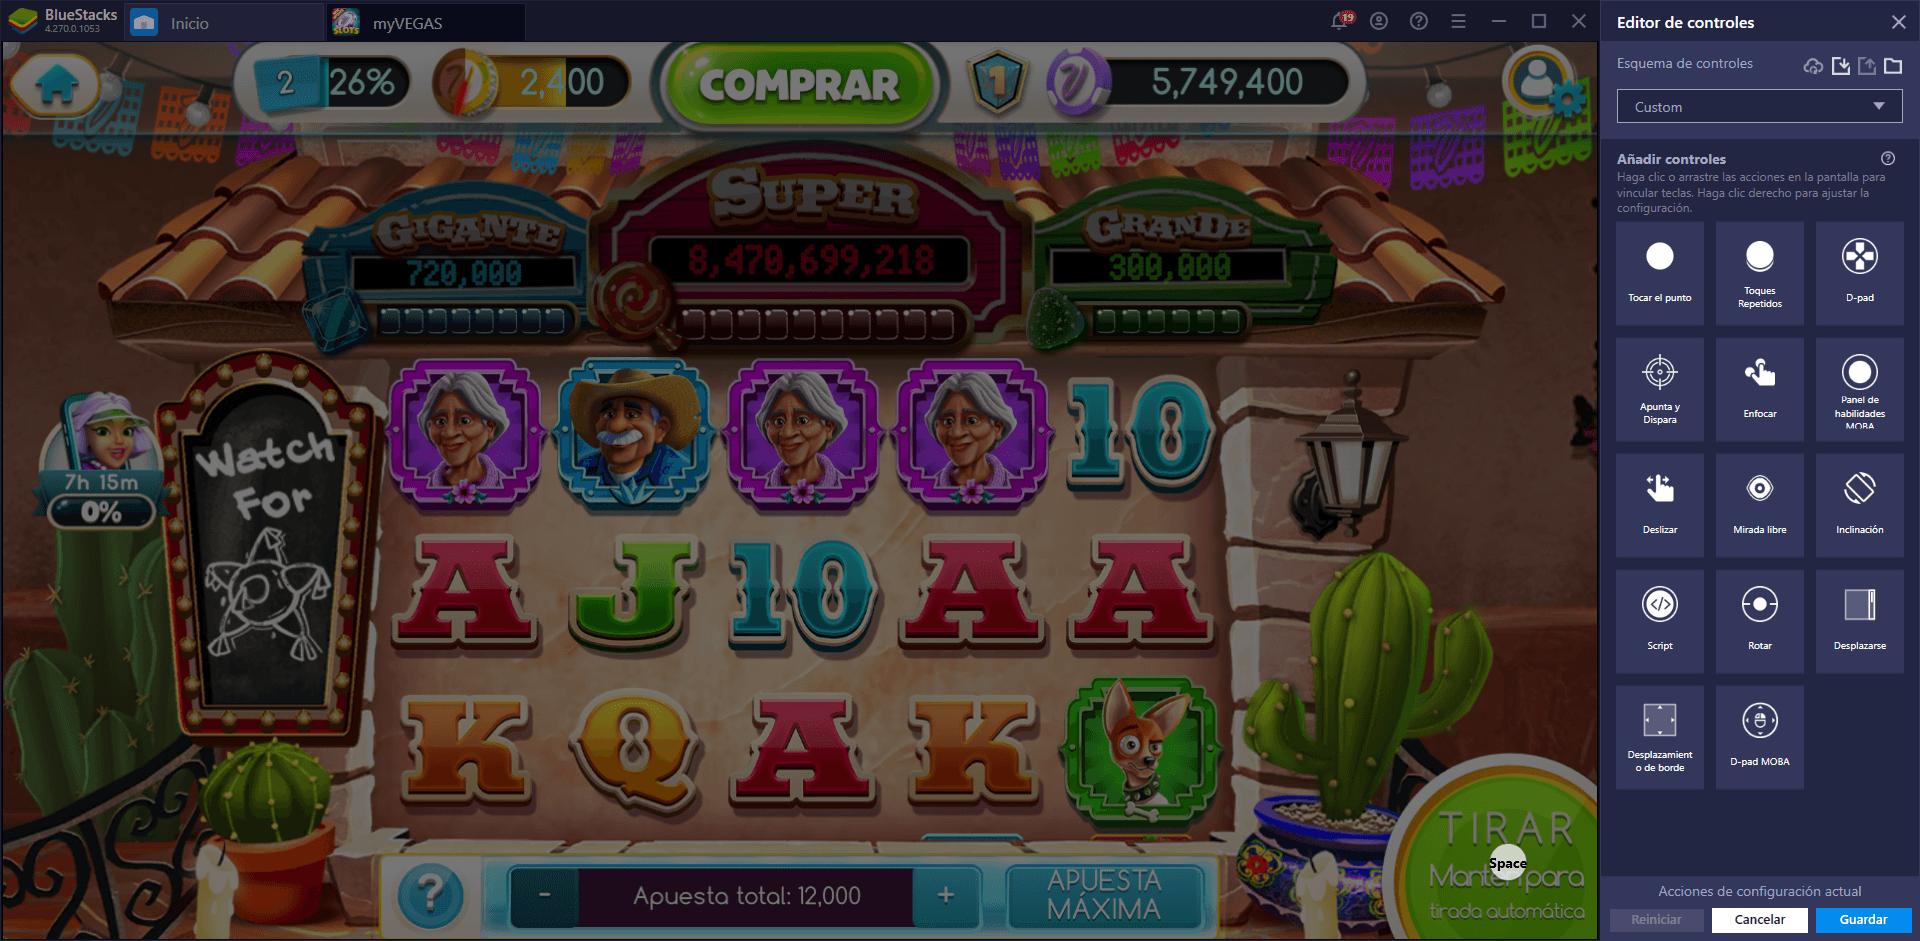 myVEGAS Slots – Trucos y Consejos Para Ganar en Grande en la App de myVEGAS